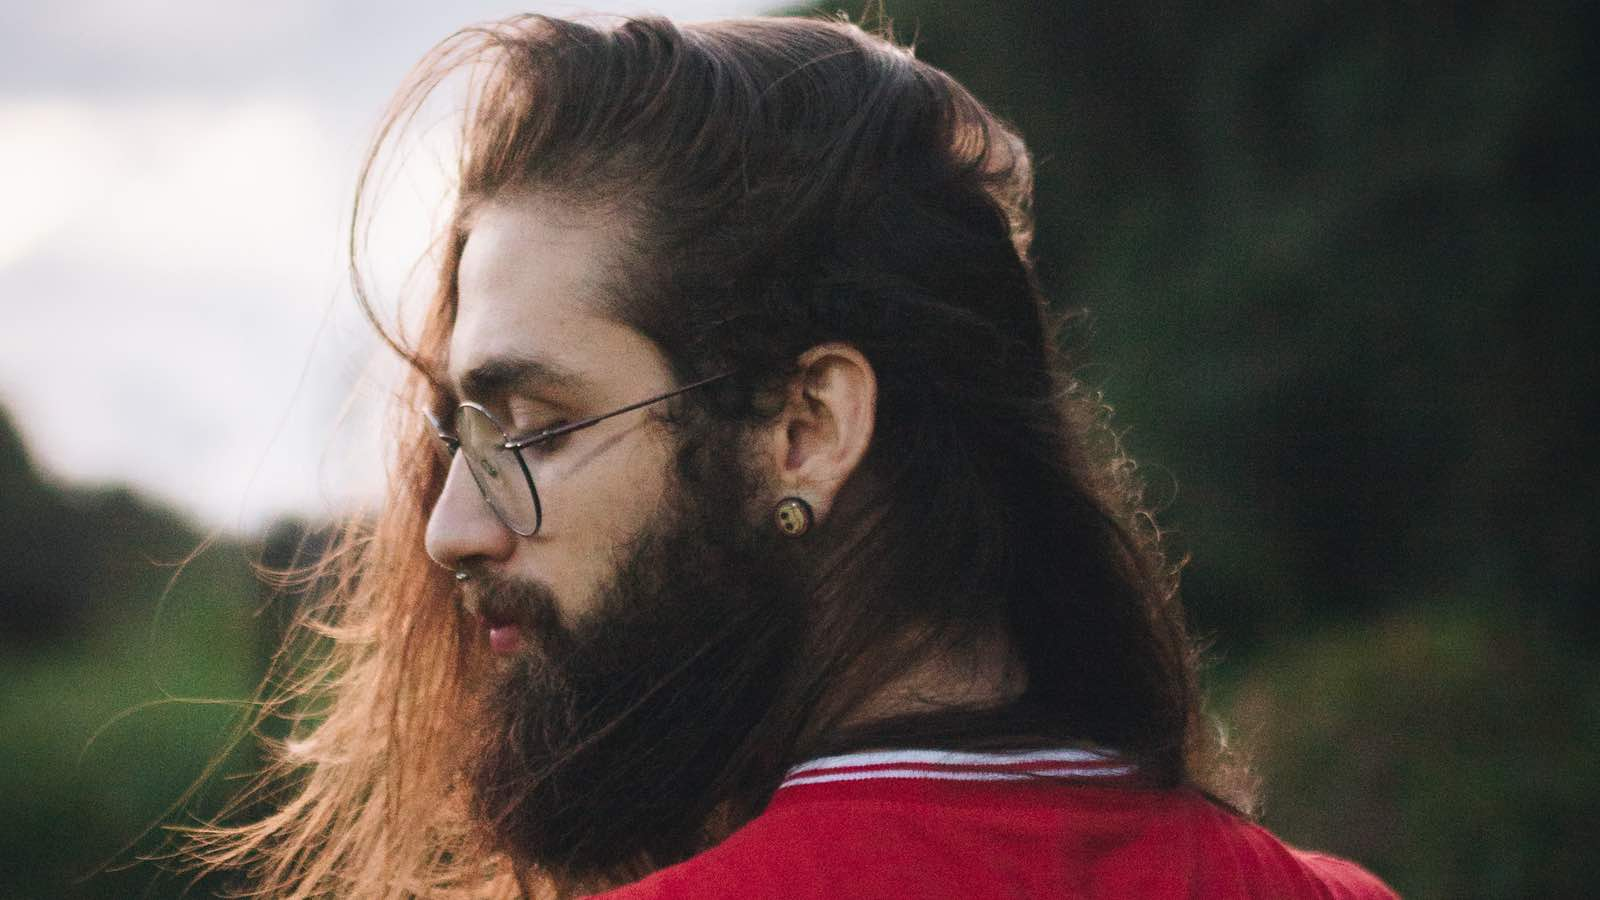 Männer Haare schneller wachsen lassen- So funktioniert es richtig!